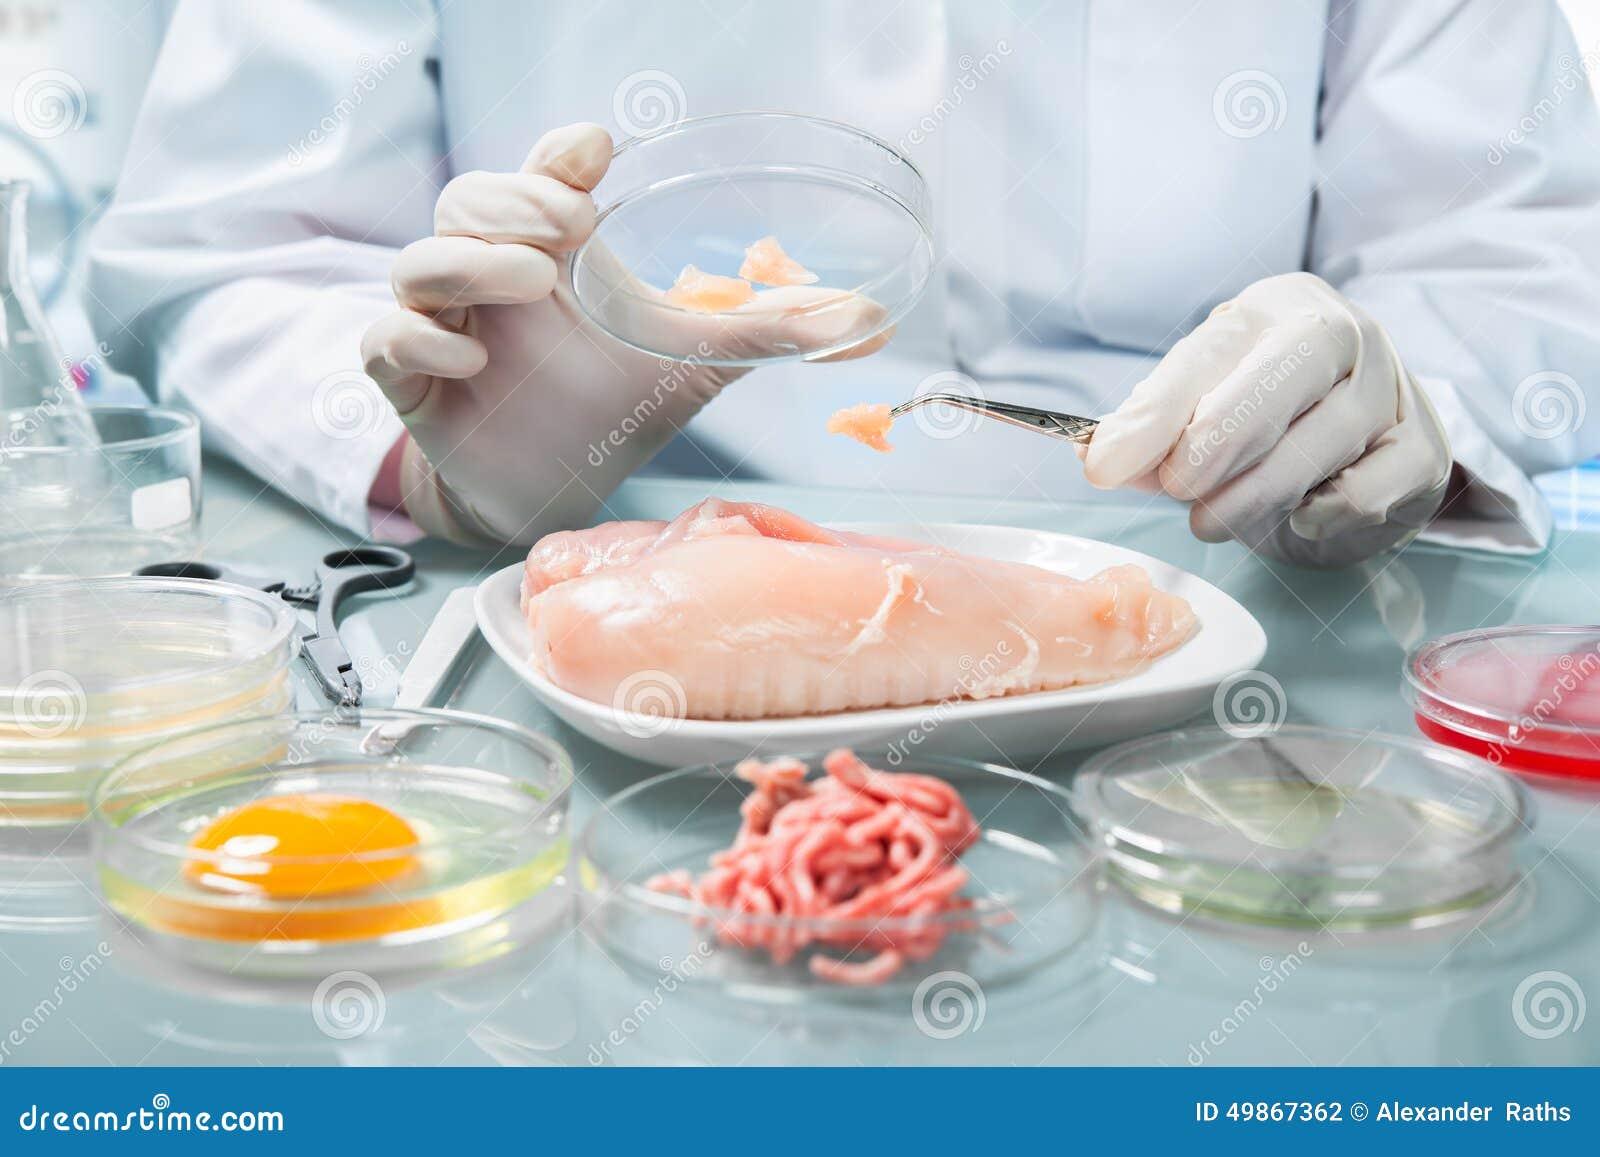 Begrepp för matsäkerhet